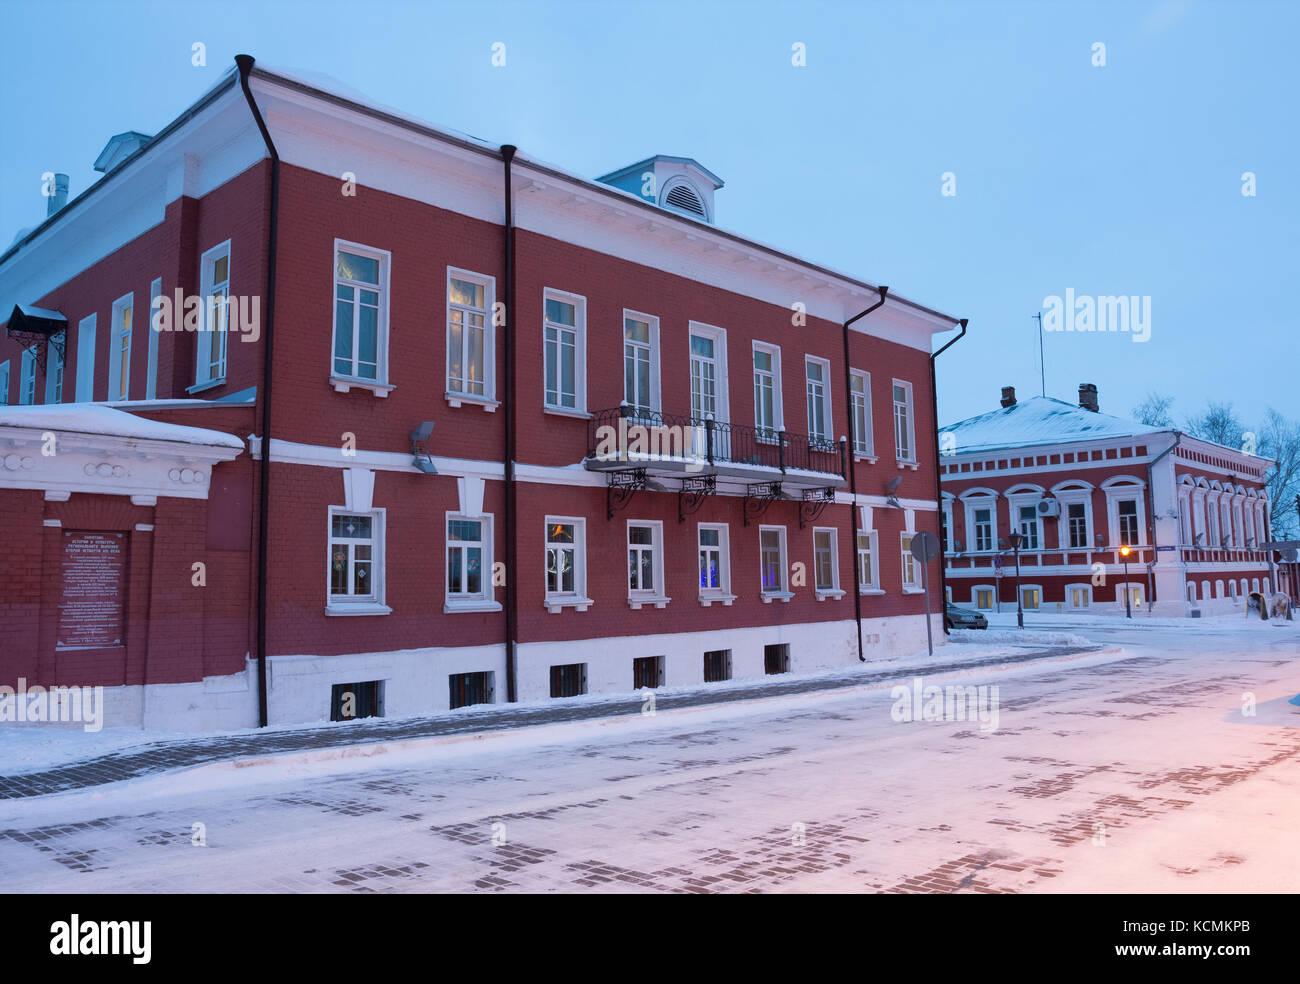 Kolomna, Moscow Region, Russia. Kolomna Local History Museum. Stock Photo